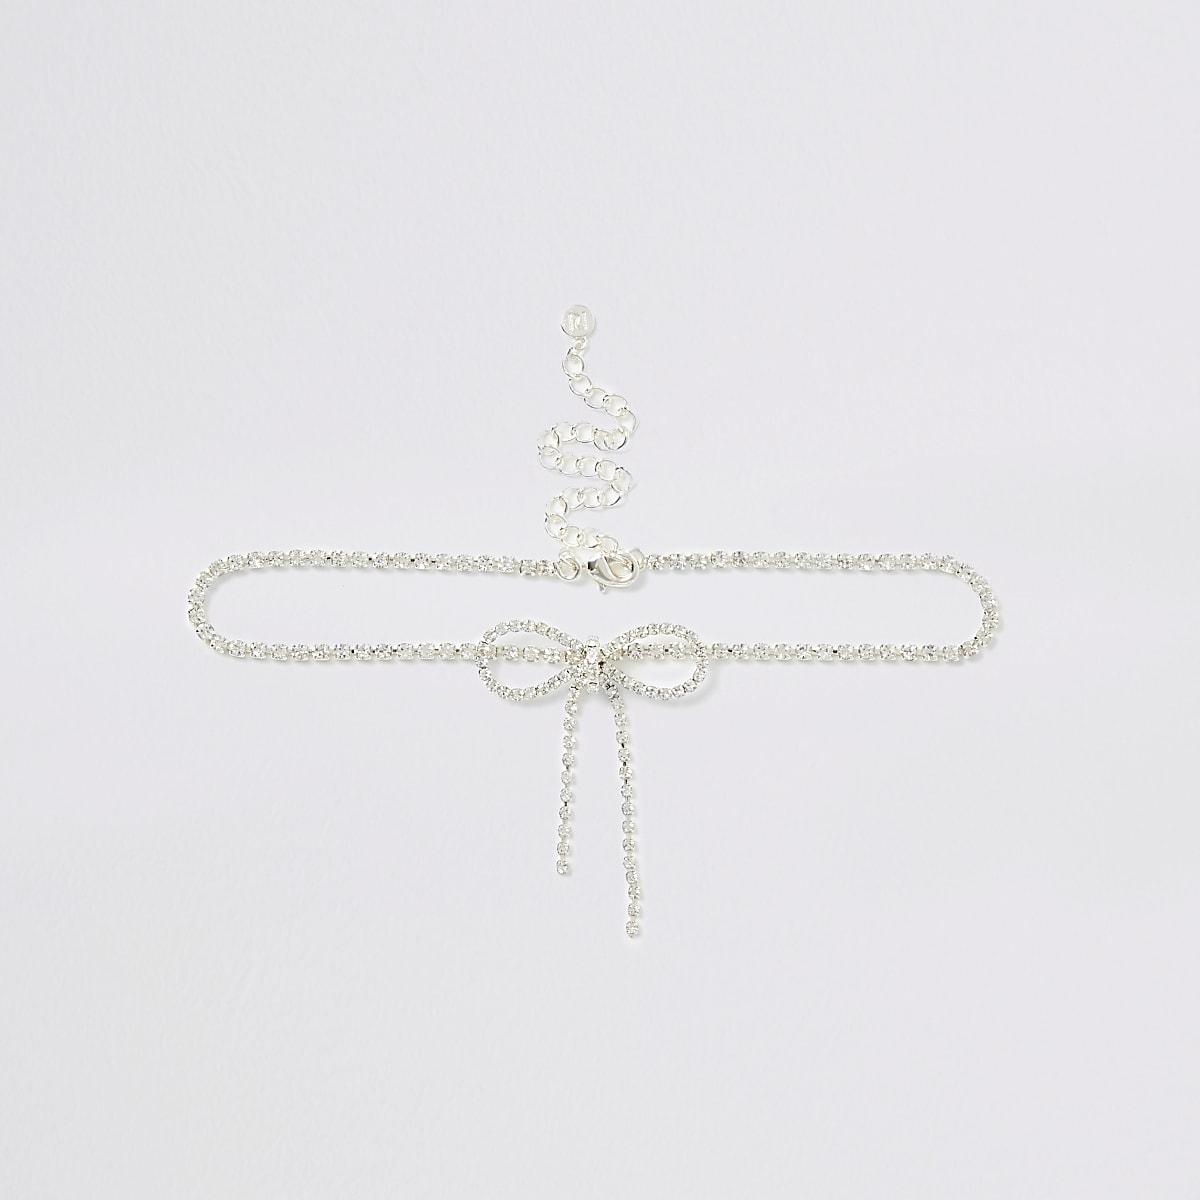 Silver color diamante bow choker necklace